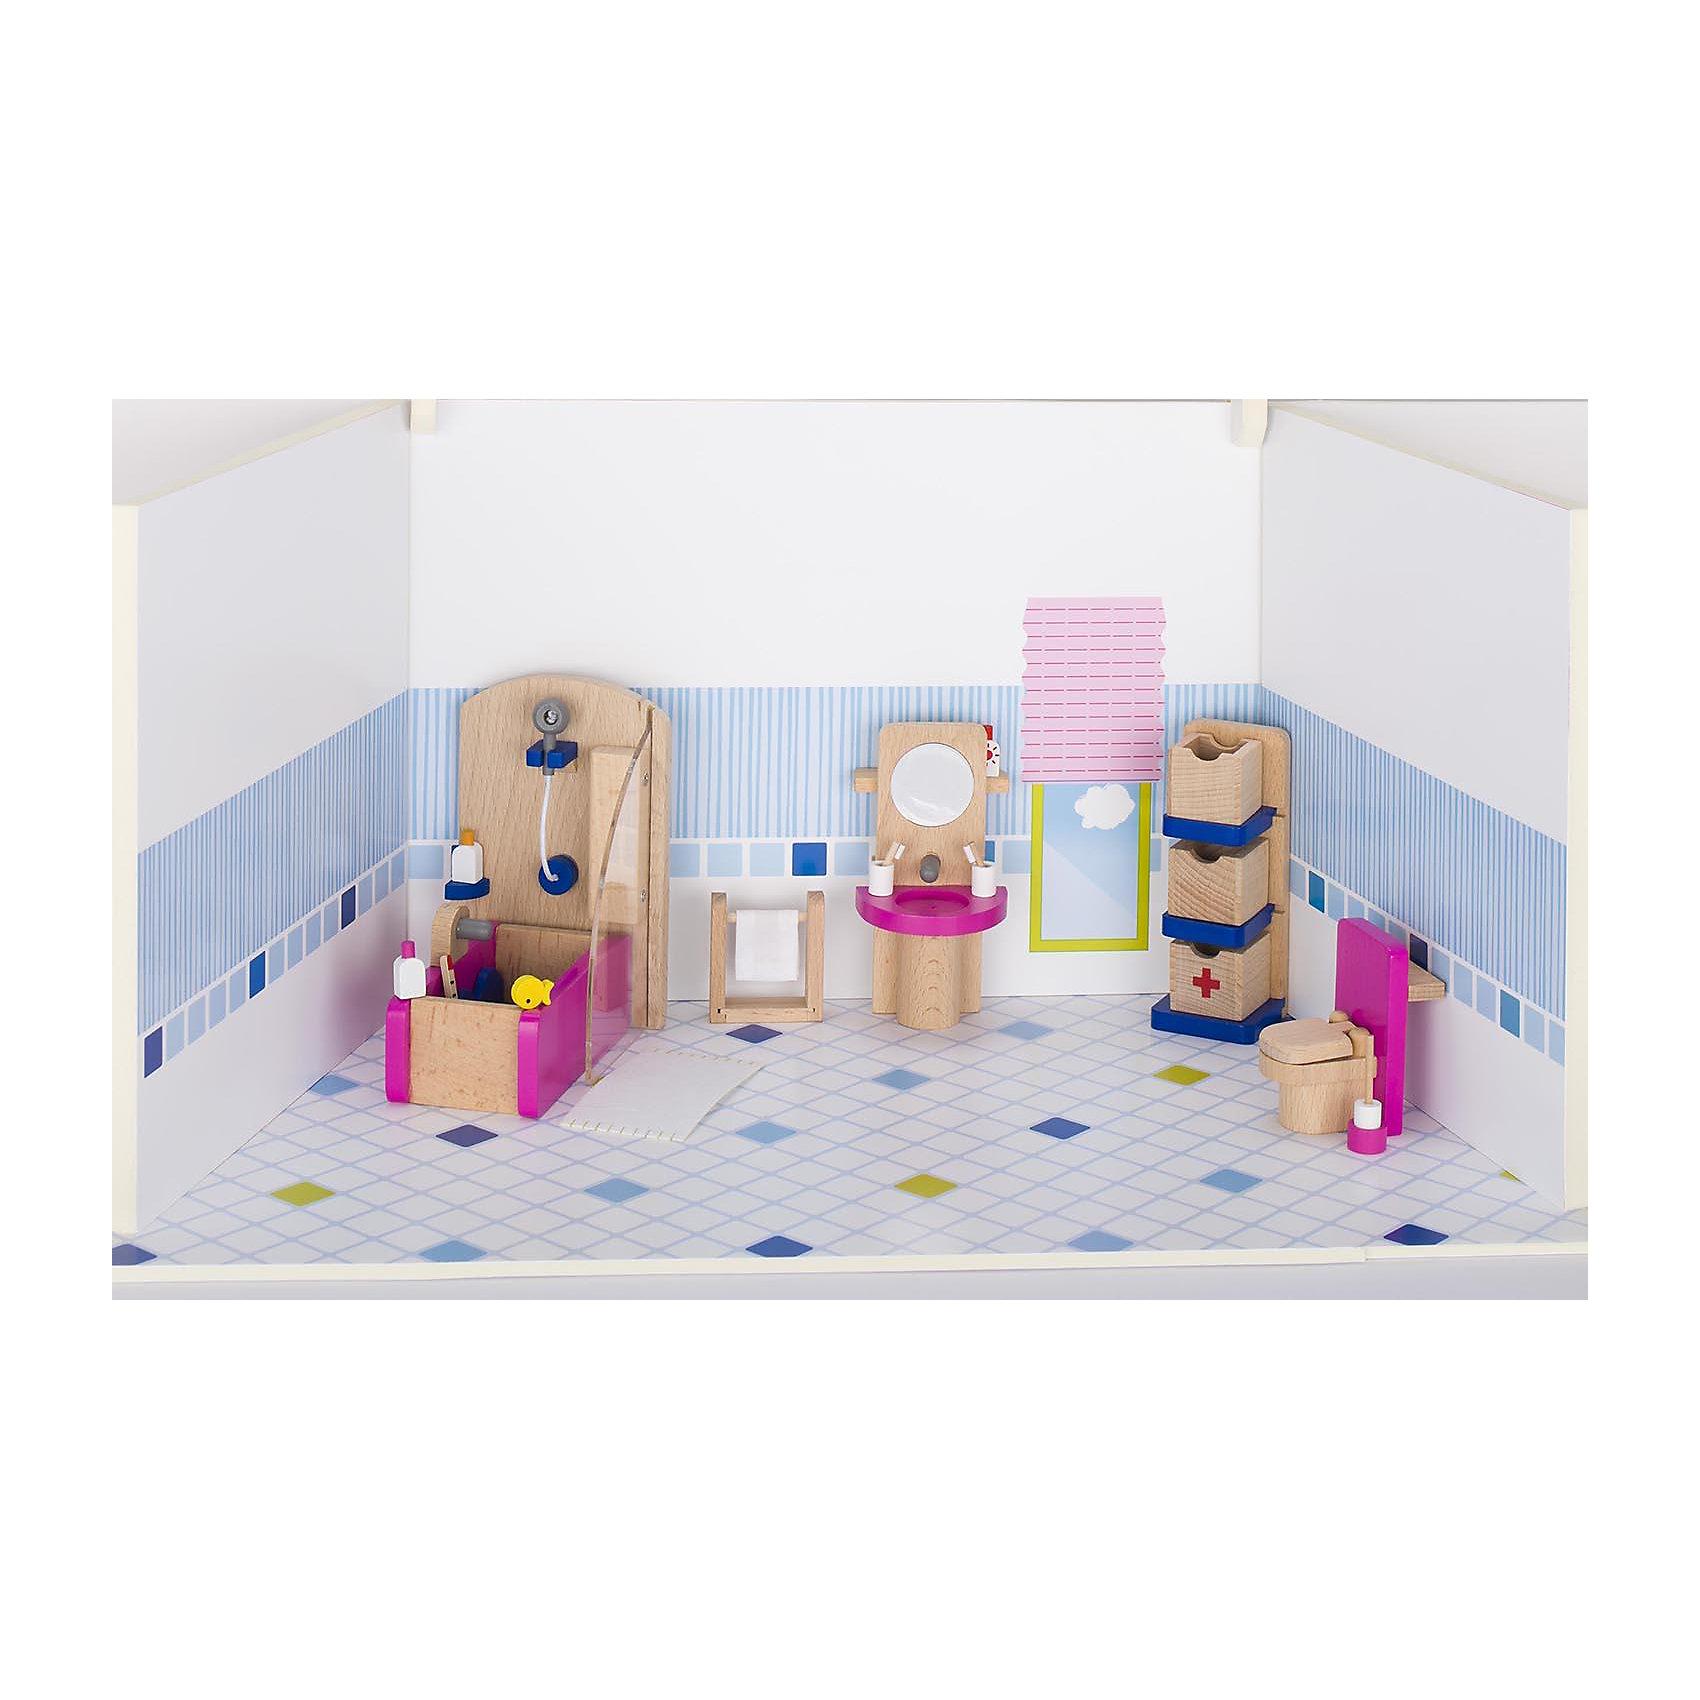 Мебель для кукольной ванной комнаты, gokiДомики и мебель<br>Характеристики товара:<br><br>- цвет: разноцветный;<br>- материал: дерево;<br>- возраст: от трех лет;<br>- комплектация: 22 предмета.<br><br>Этот симпатичный набор из множества предметов, необходимых в кукольной ванной, приводит детей в восторг! Какая девочка сможет отказаться поиграть с куклами, которые имеют ванную комнату, так похожую на настоящую?! В набор входят самые необходимые для этого помещения вещи. Игрушки очень качественно выполнены, поэтому набор станет замечательным подарком ребенку. <br>Продается набор в красивой удобной упаковке. Игры с куклами помогают девочкам развить важные навыки и отработать модели социального взаимодействия. Изделие произведено из высококачественного материала, безопасного для детей.<br><br>Мебель для кукольной ванной комнаты от германского бренда GOKI можно купить в нашем интернет-магазине.<br><br>Ширина мм: 138<br>Глубина мм: 138<br>Высота мм: 138<br>Вес г: 517<br>Возраст от месяцев: 36<br>Возраст до месяцев: 144<br>Пол: Женский<br>Возраст: Детский<br>SKU: 5155314